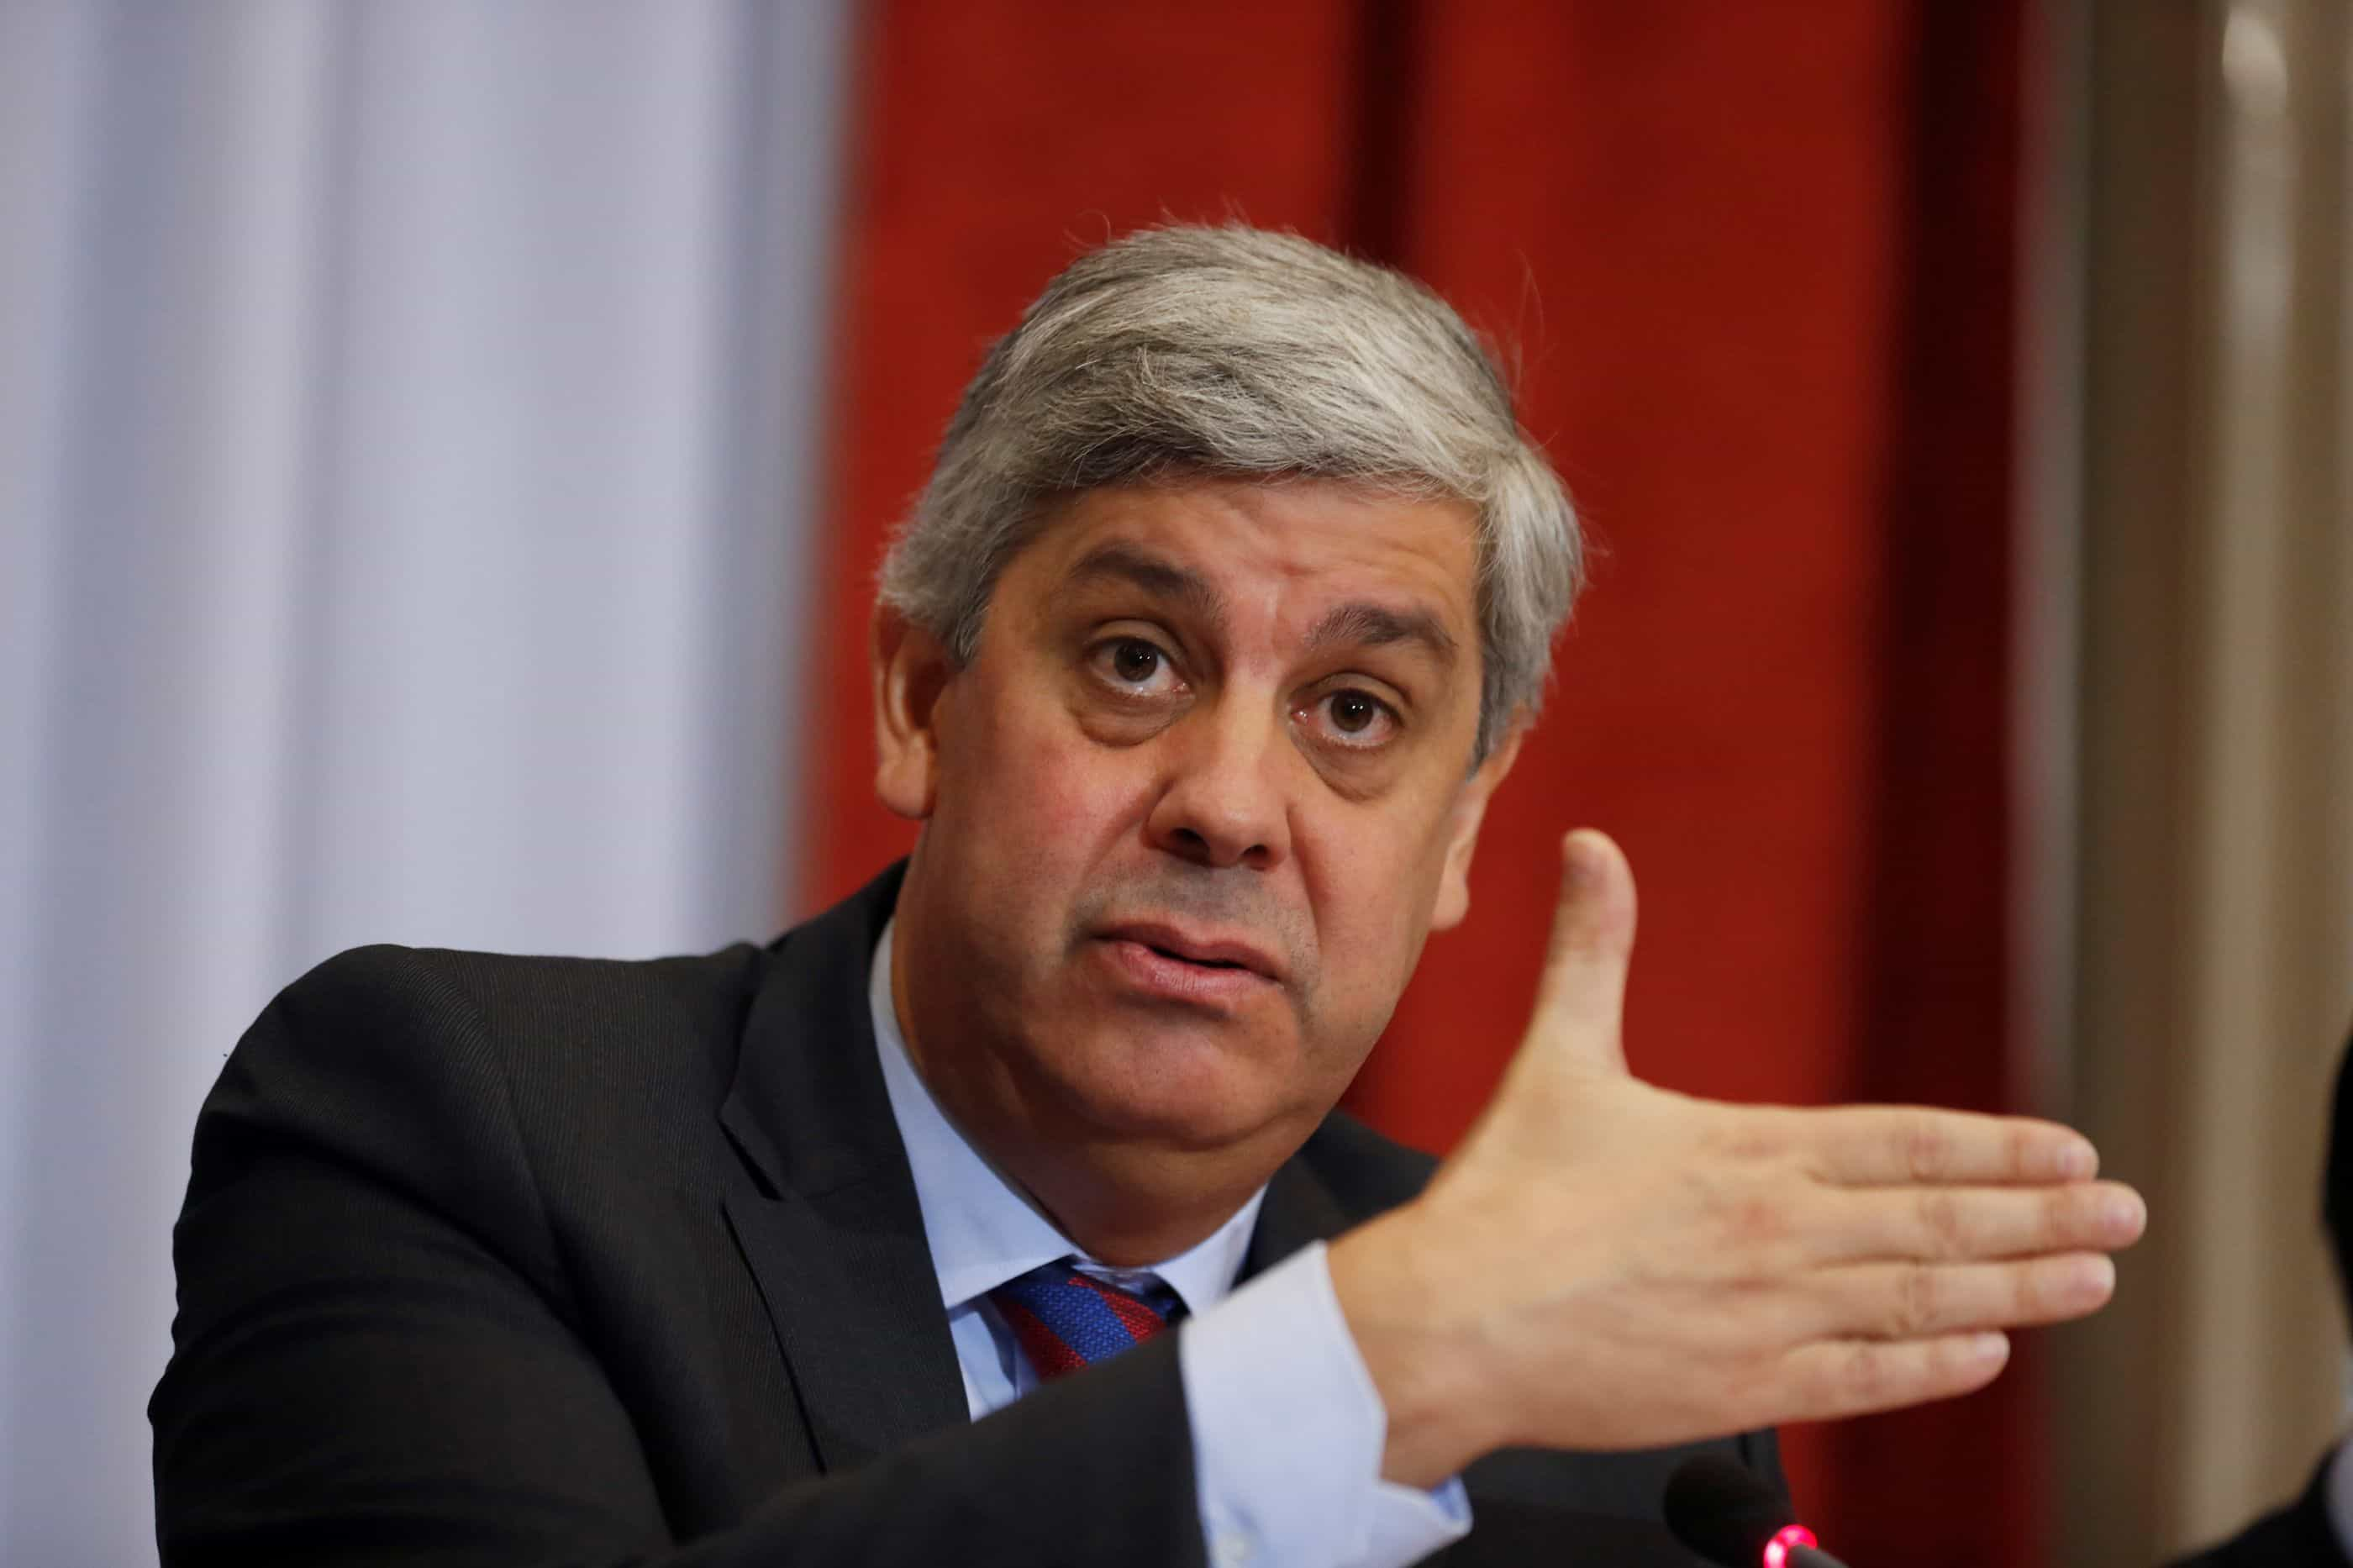 """Regra da unanimidade fiscal é aplicada """"dentro do tratado orçamental"""""""